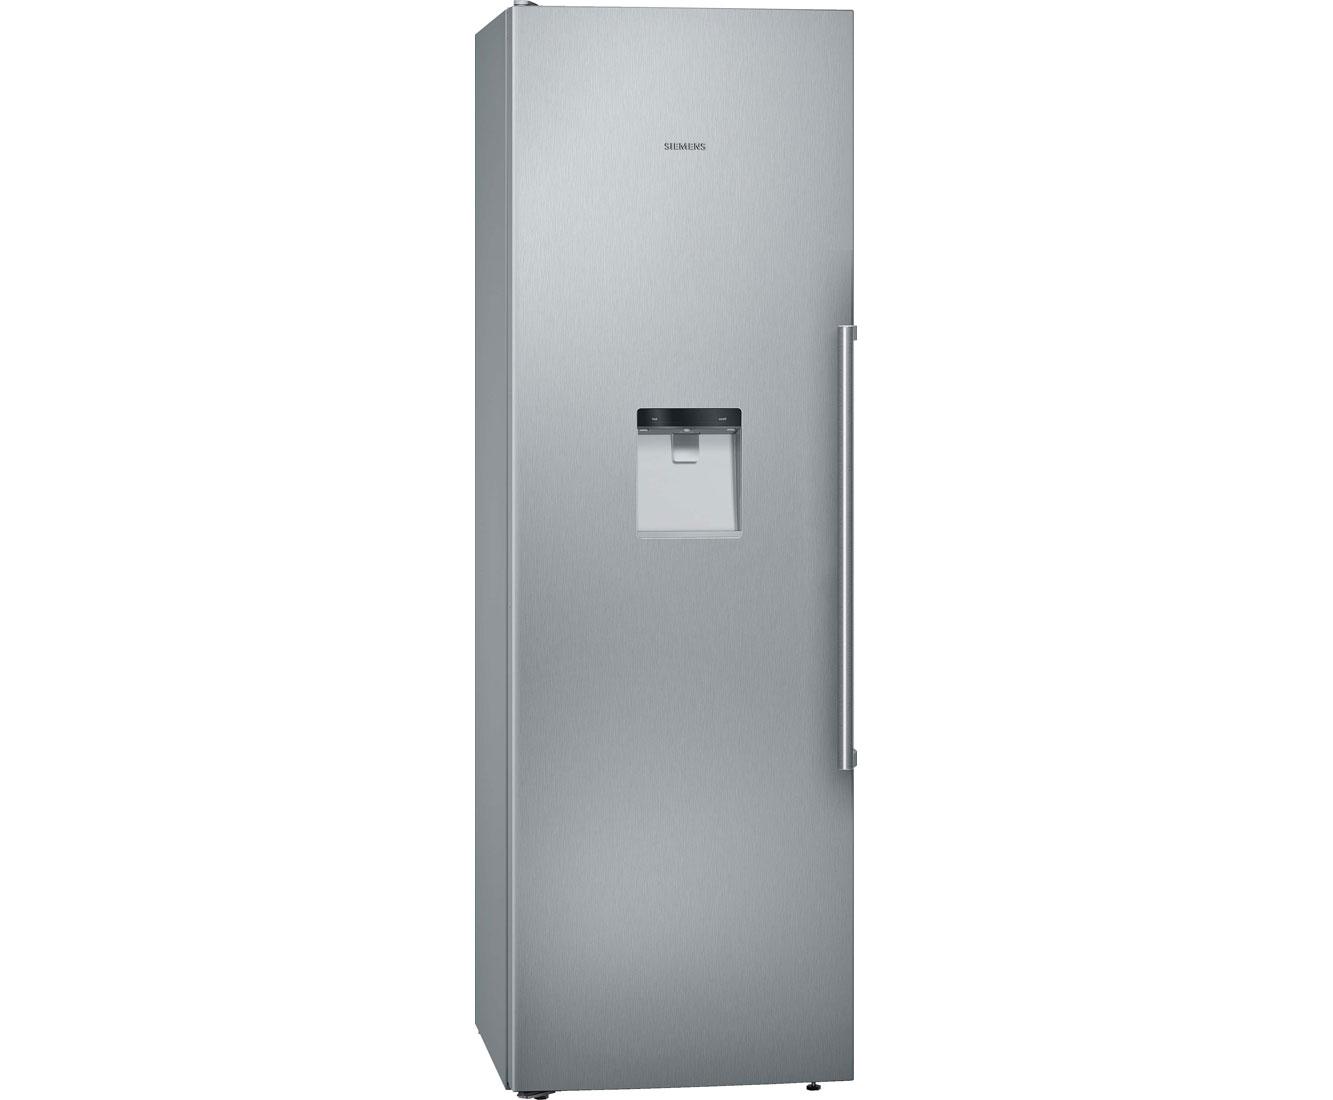 Siemens Kühlschrank Silber : Edelstahl kühlschrank preisvergleich u die besten angebote online